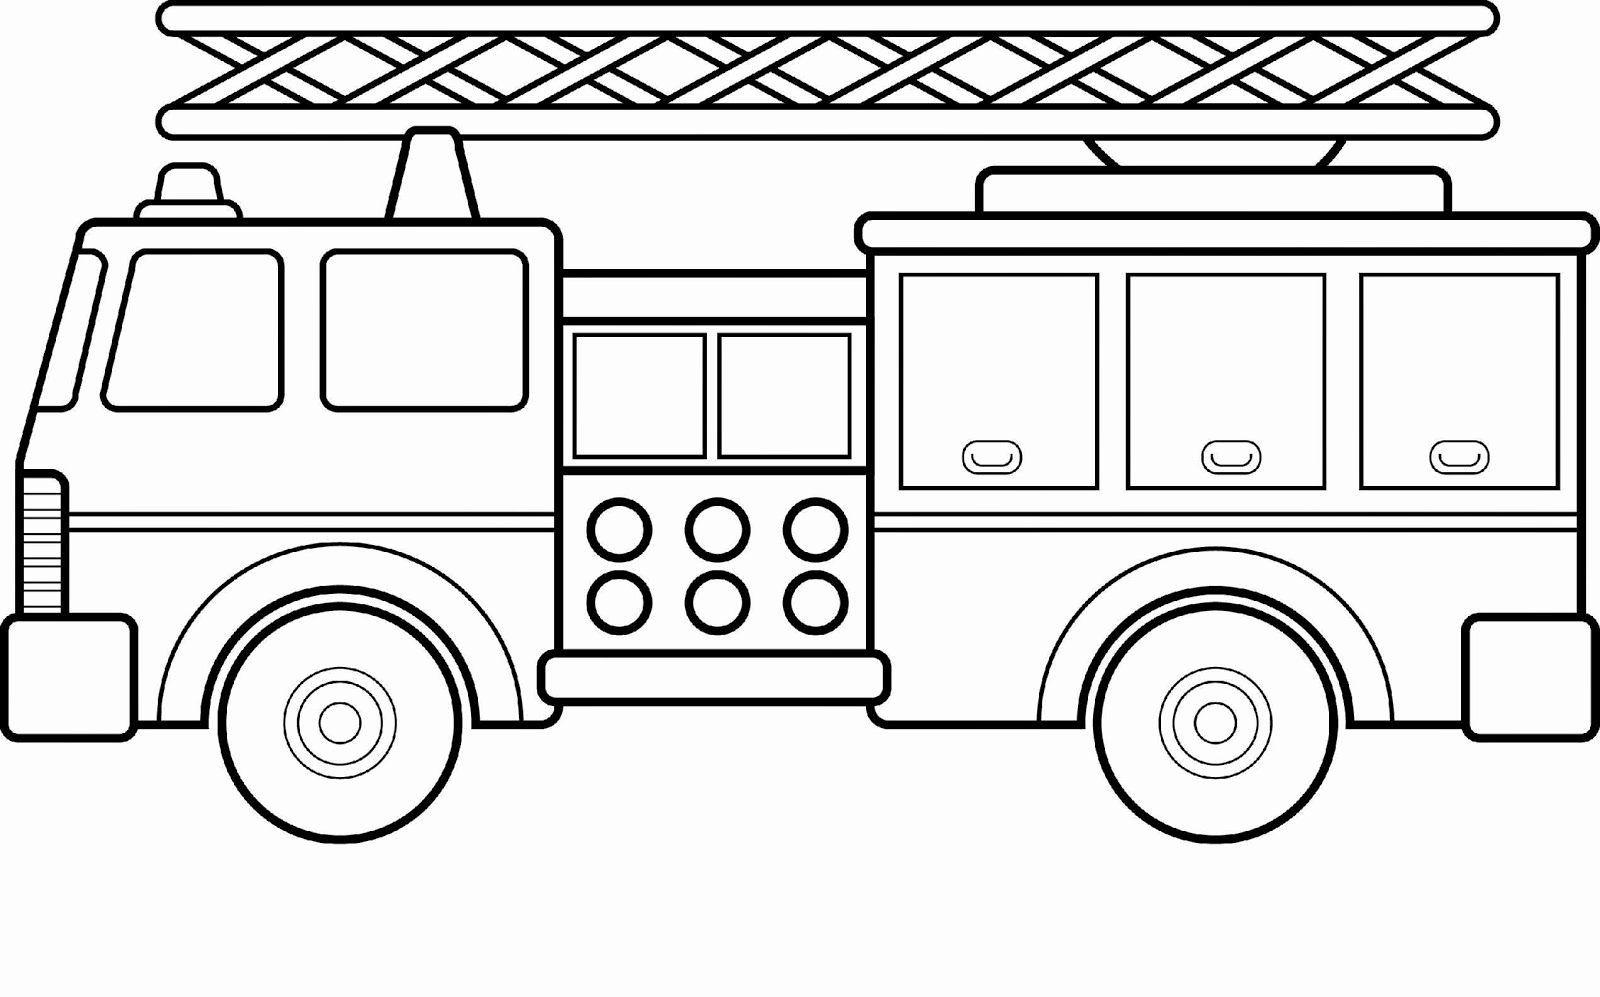 - Truck Coloring Pages Free Di 2020 Halaman Mewarnai, Warna, Truk Pemadam  Kebakaran